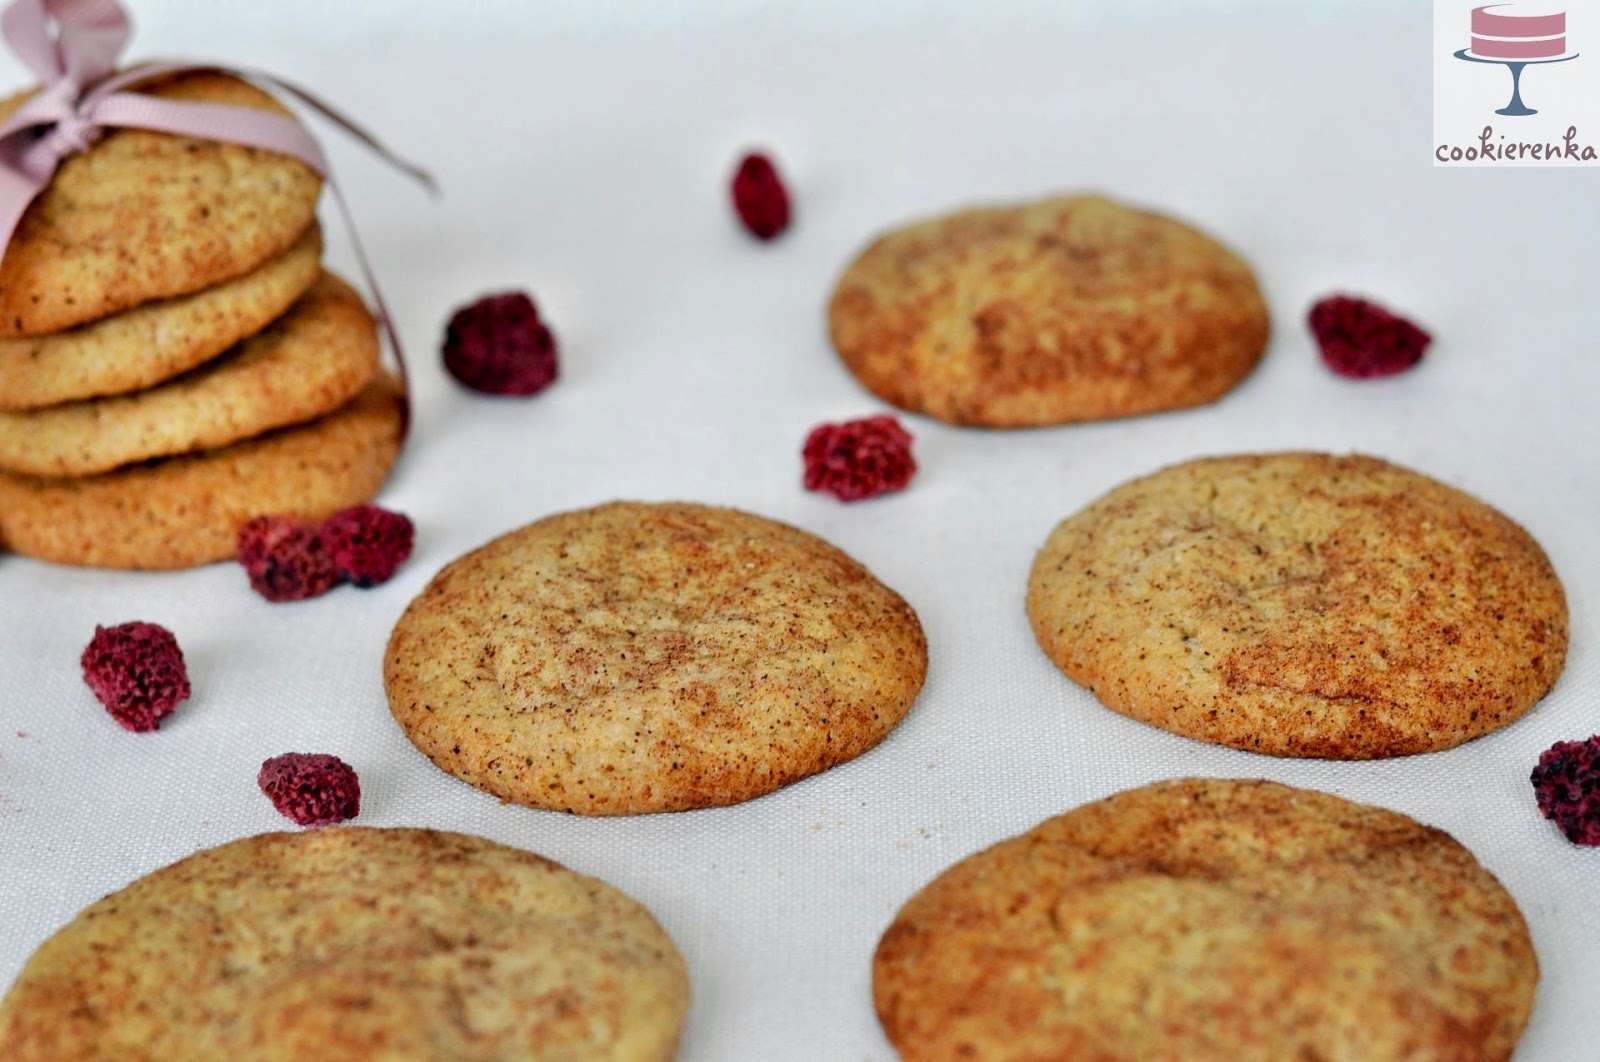 http://www.cookierenka.com/2014/01/ciasteczka-cynamonowe-z-suszonymi.html